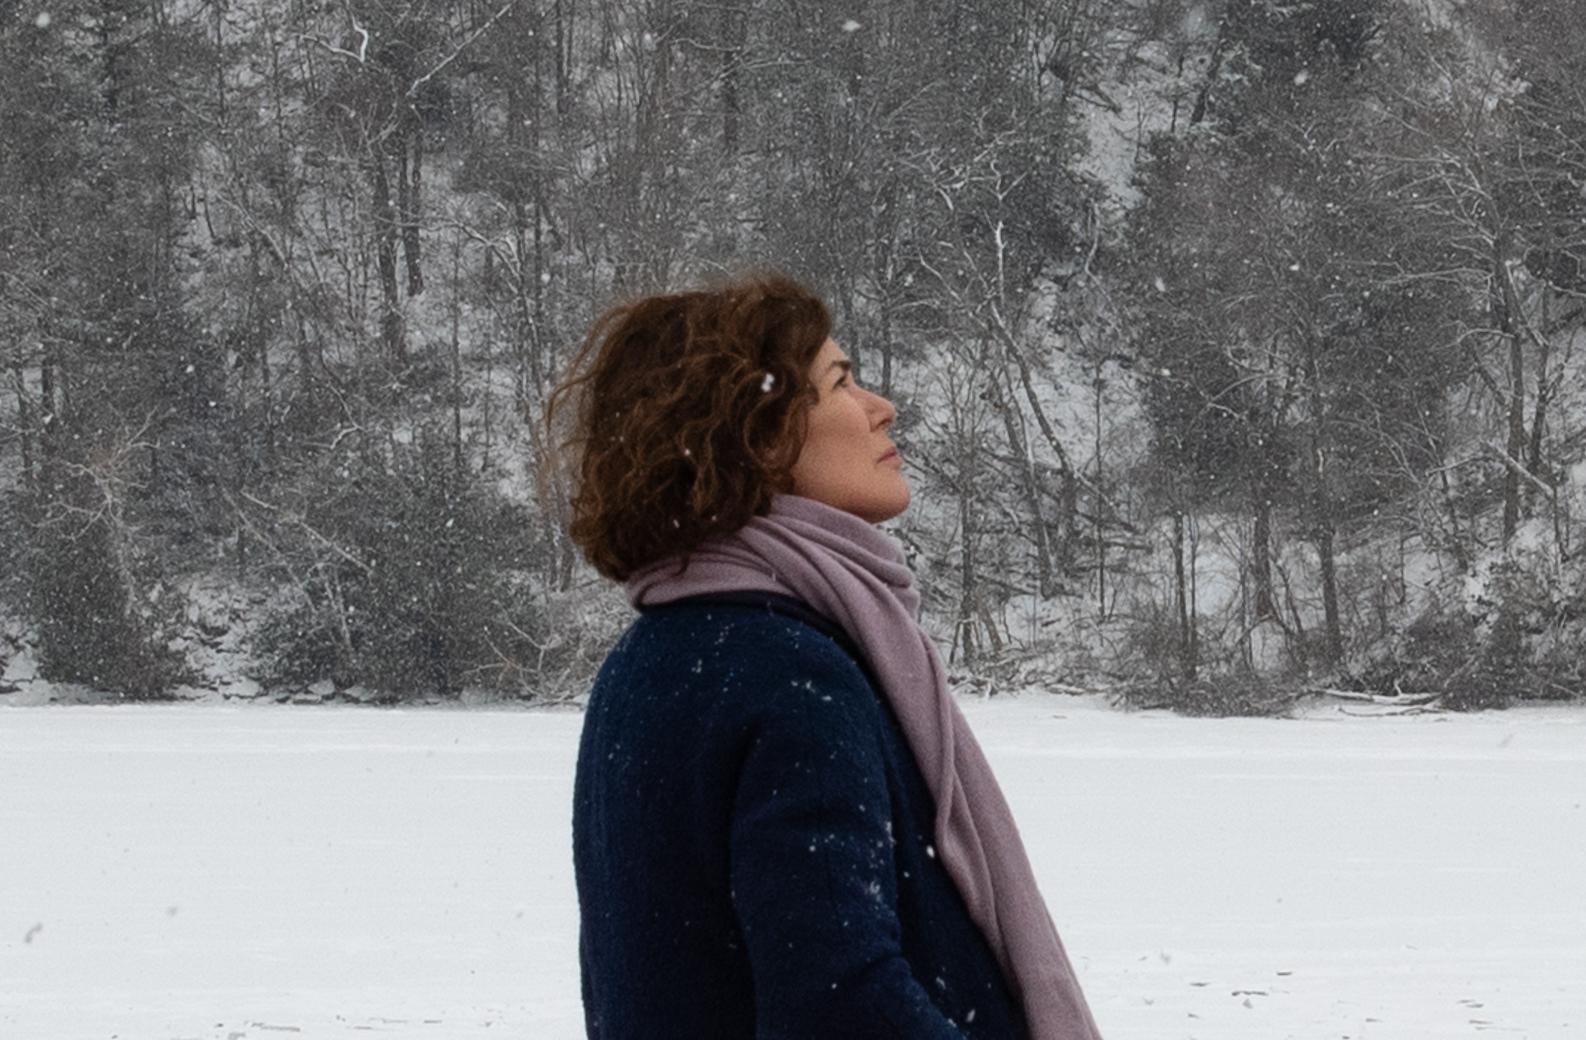 Lead Actor Sonja Smits